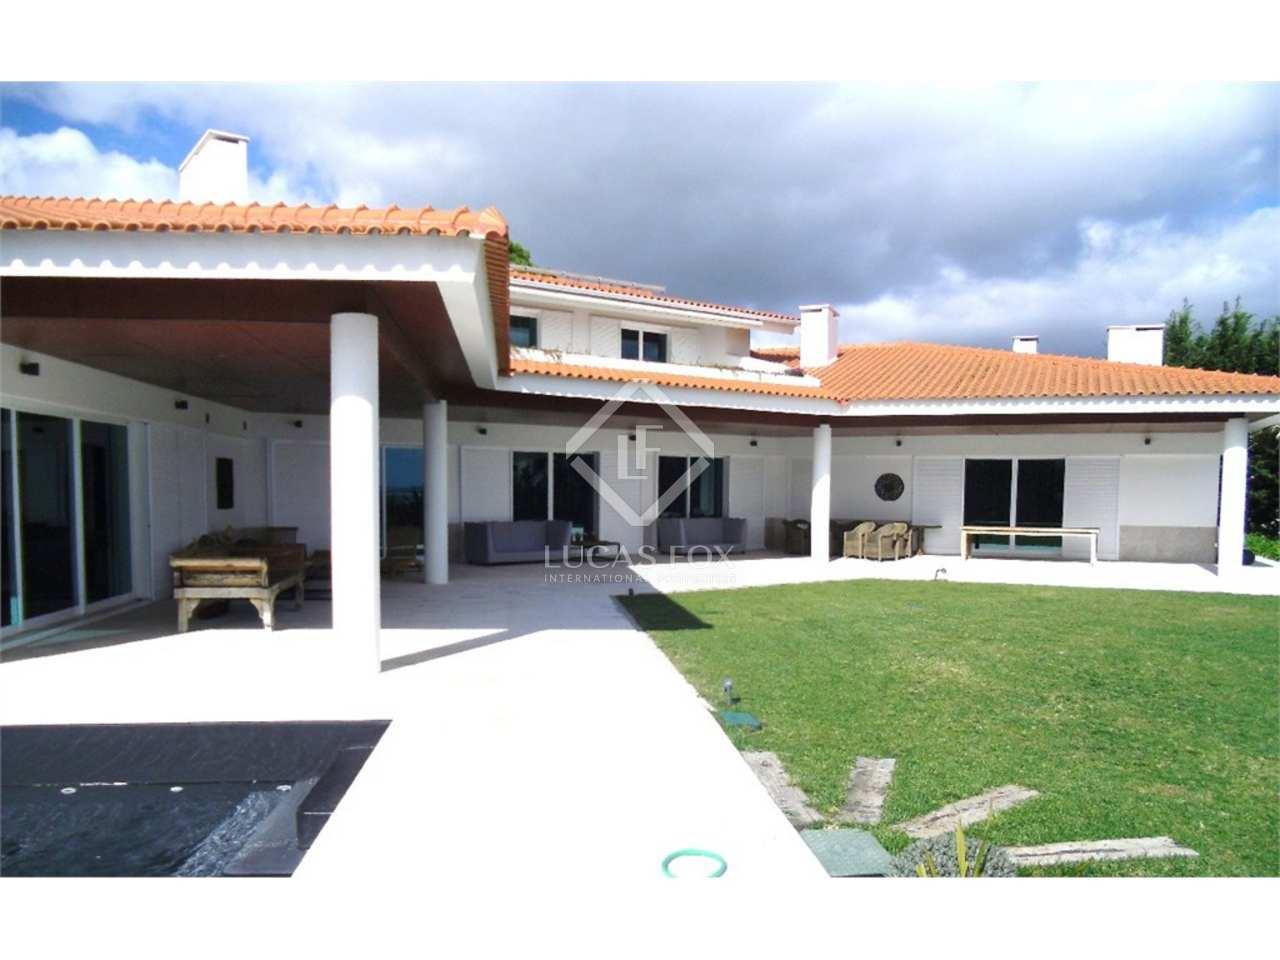 1 251m haus villa zum verkauf in lissabon stadt. Black Bedroom Furniture Sets. Home Design Ideas